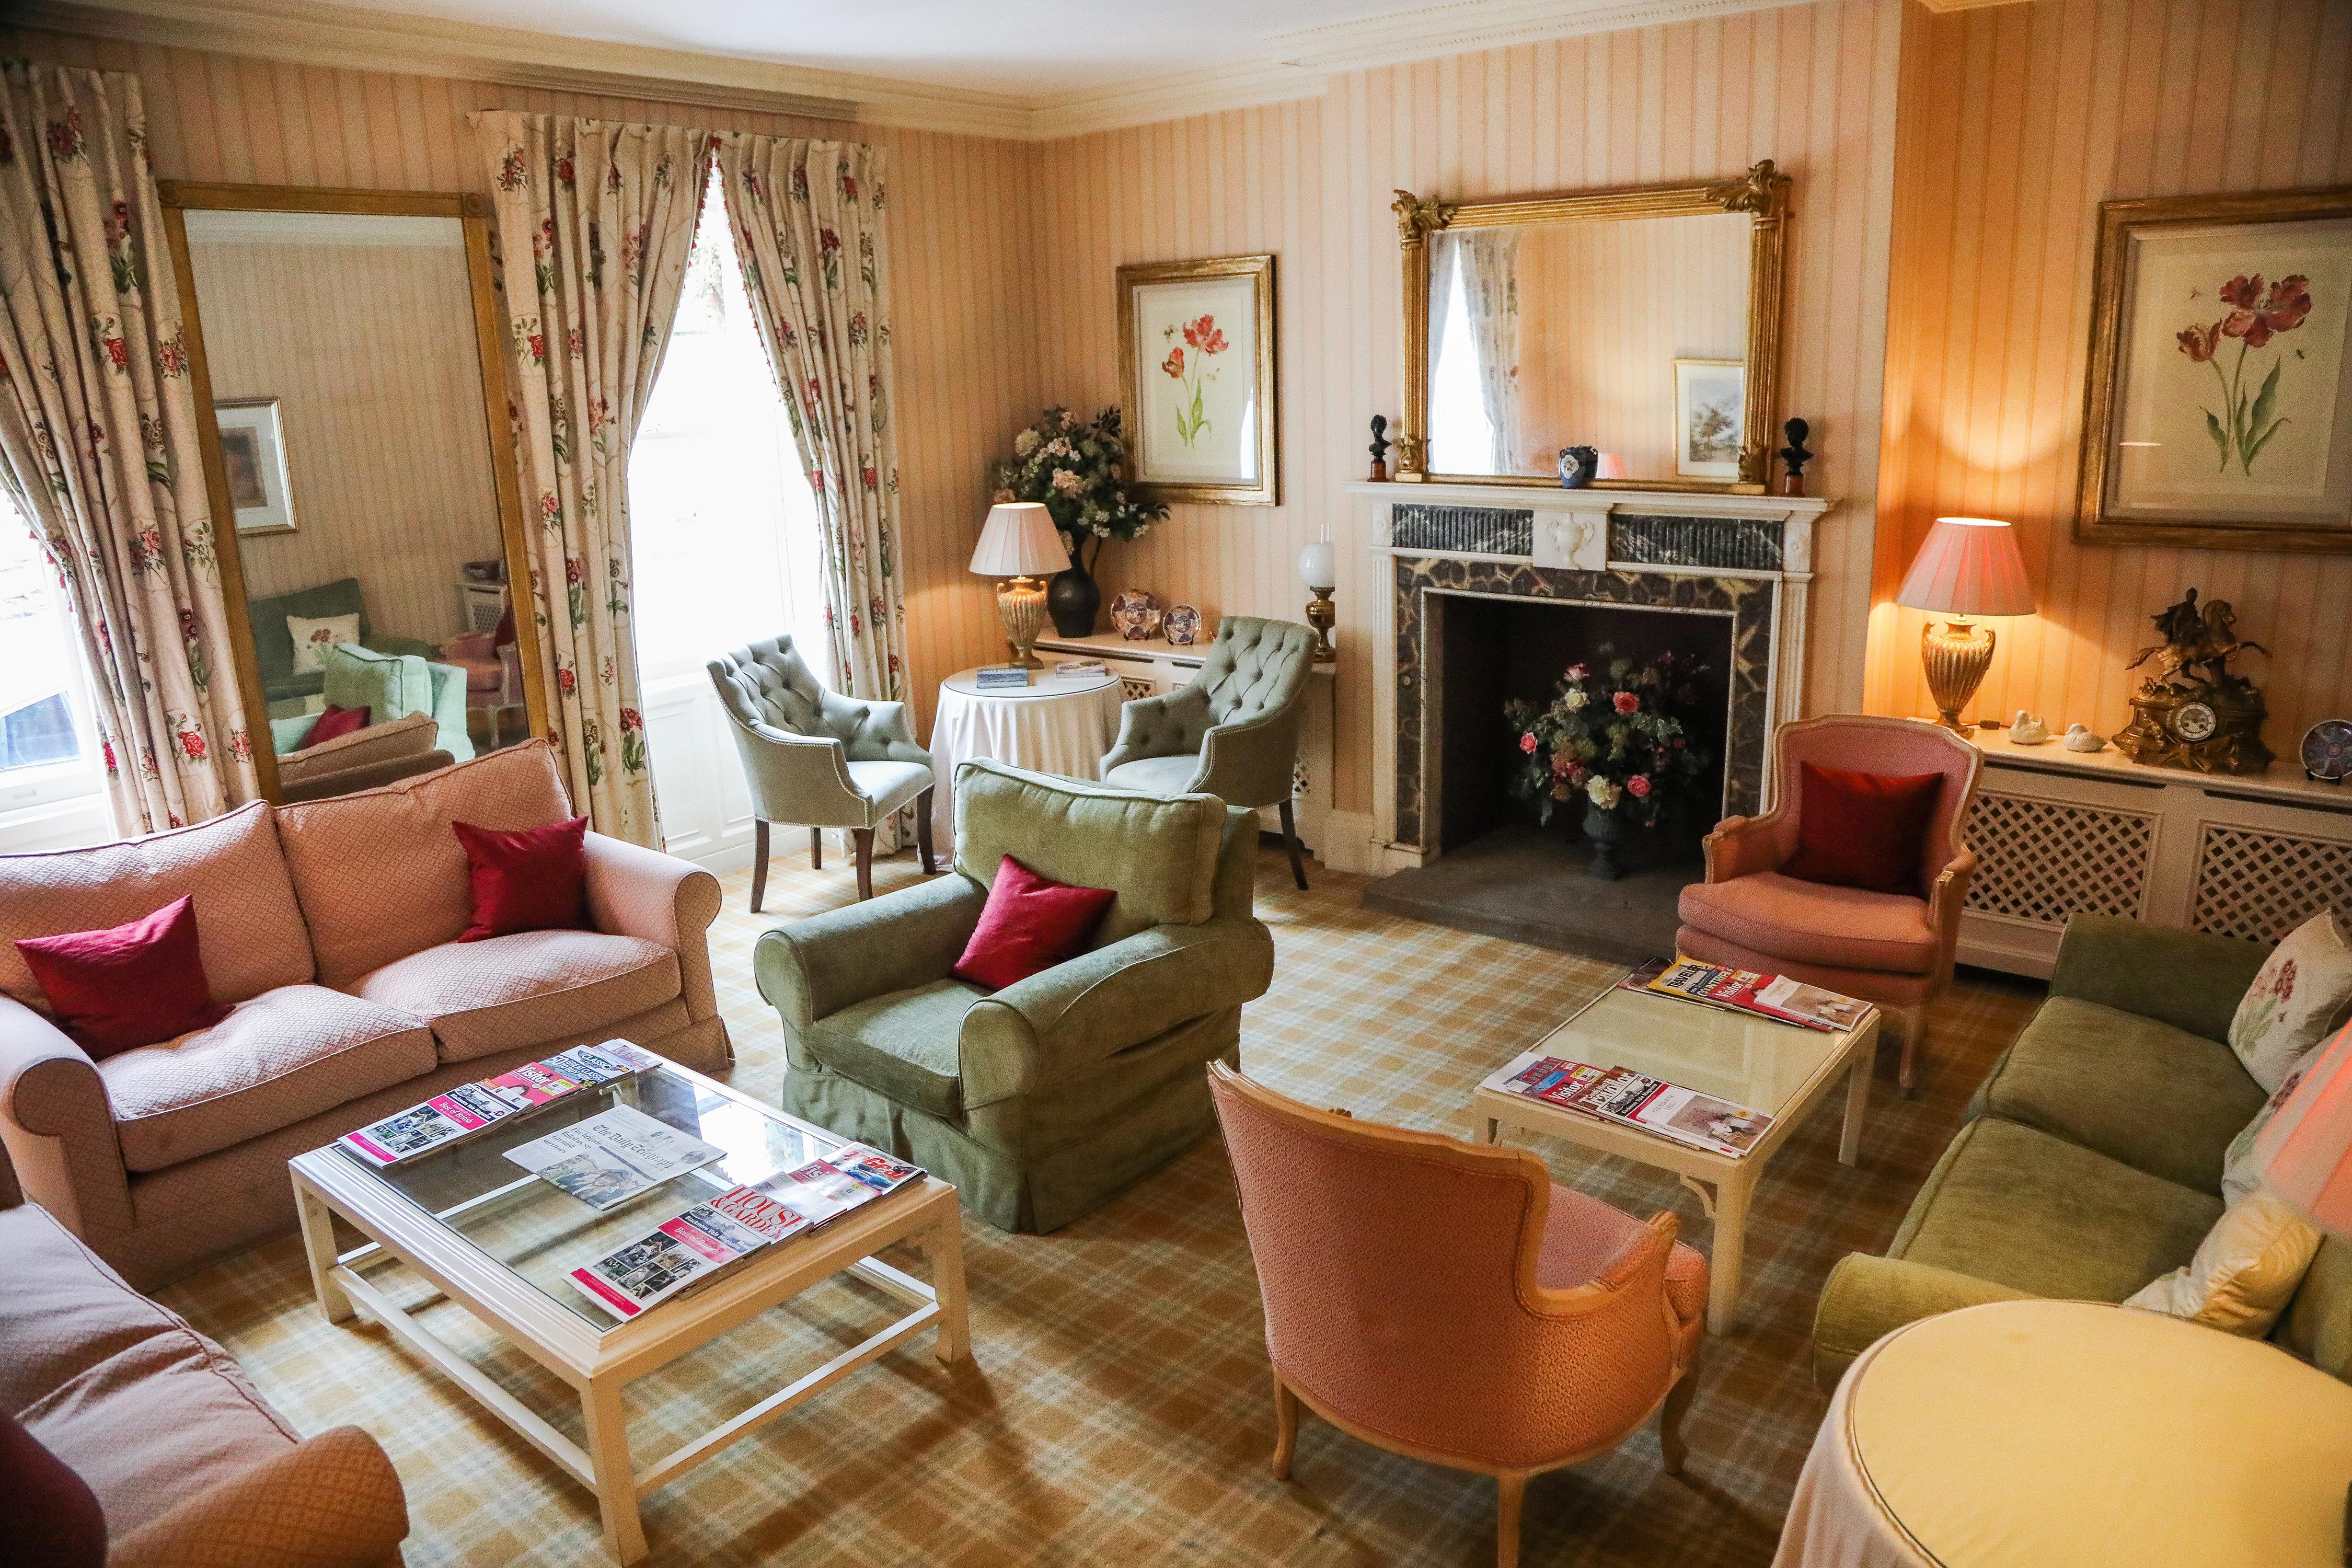 Eastbury hotel sherborne dorset luxury accomodation